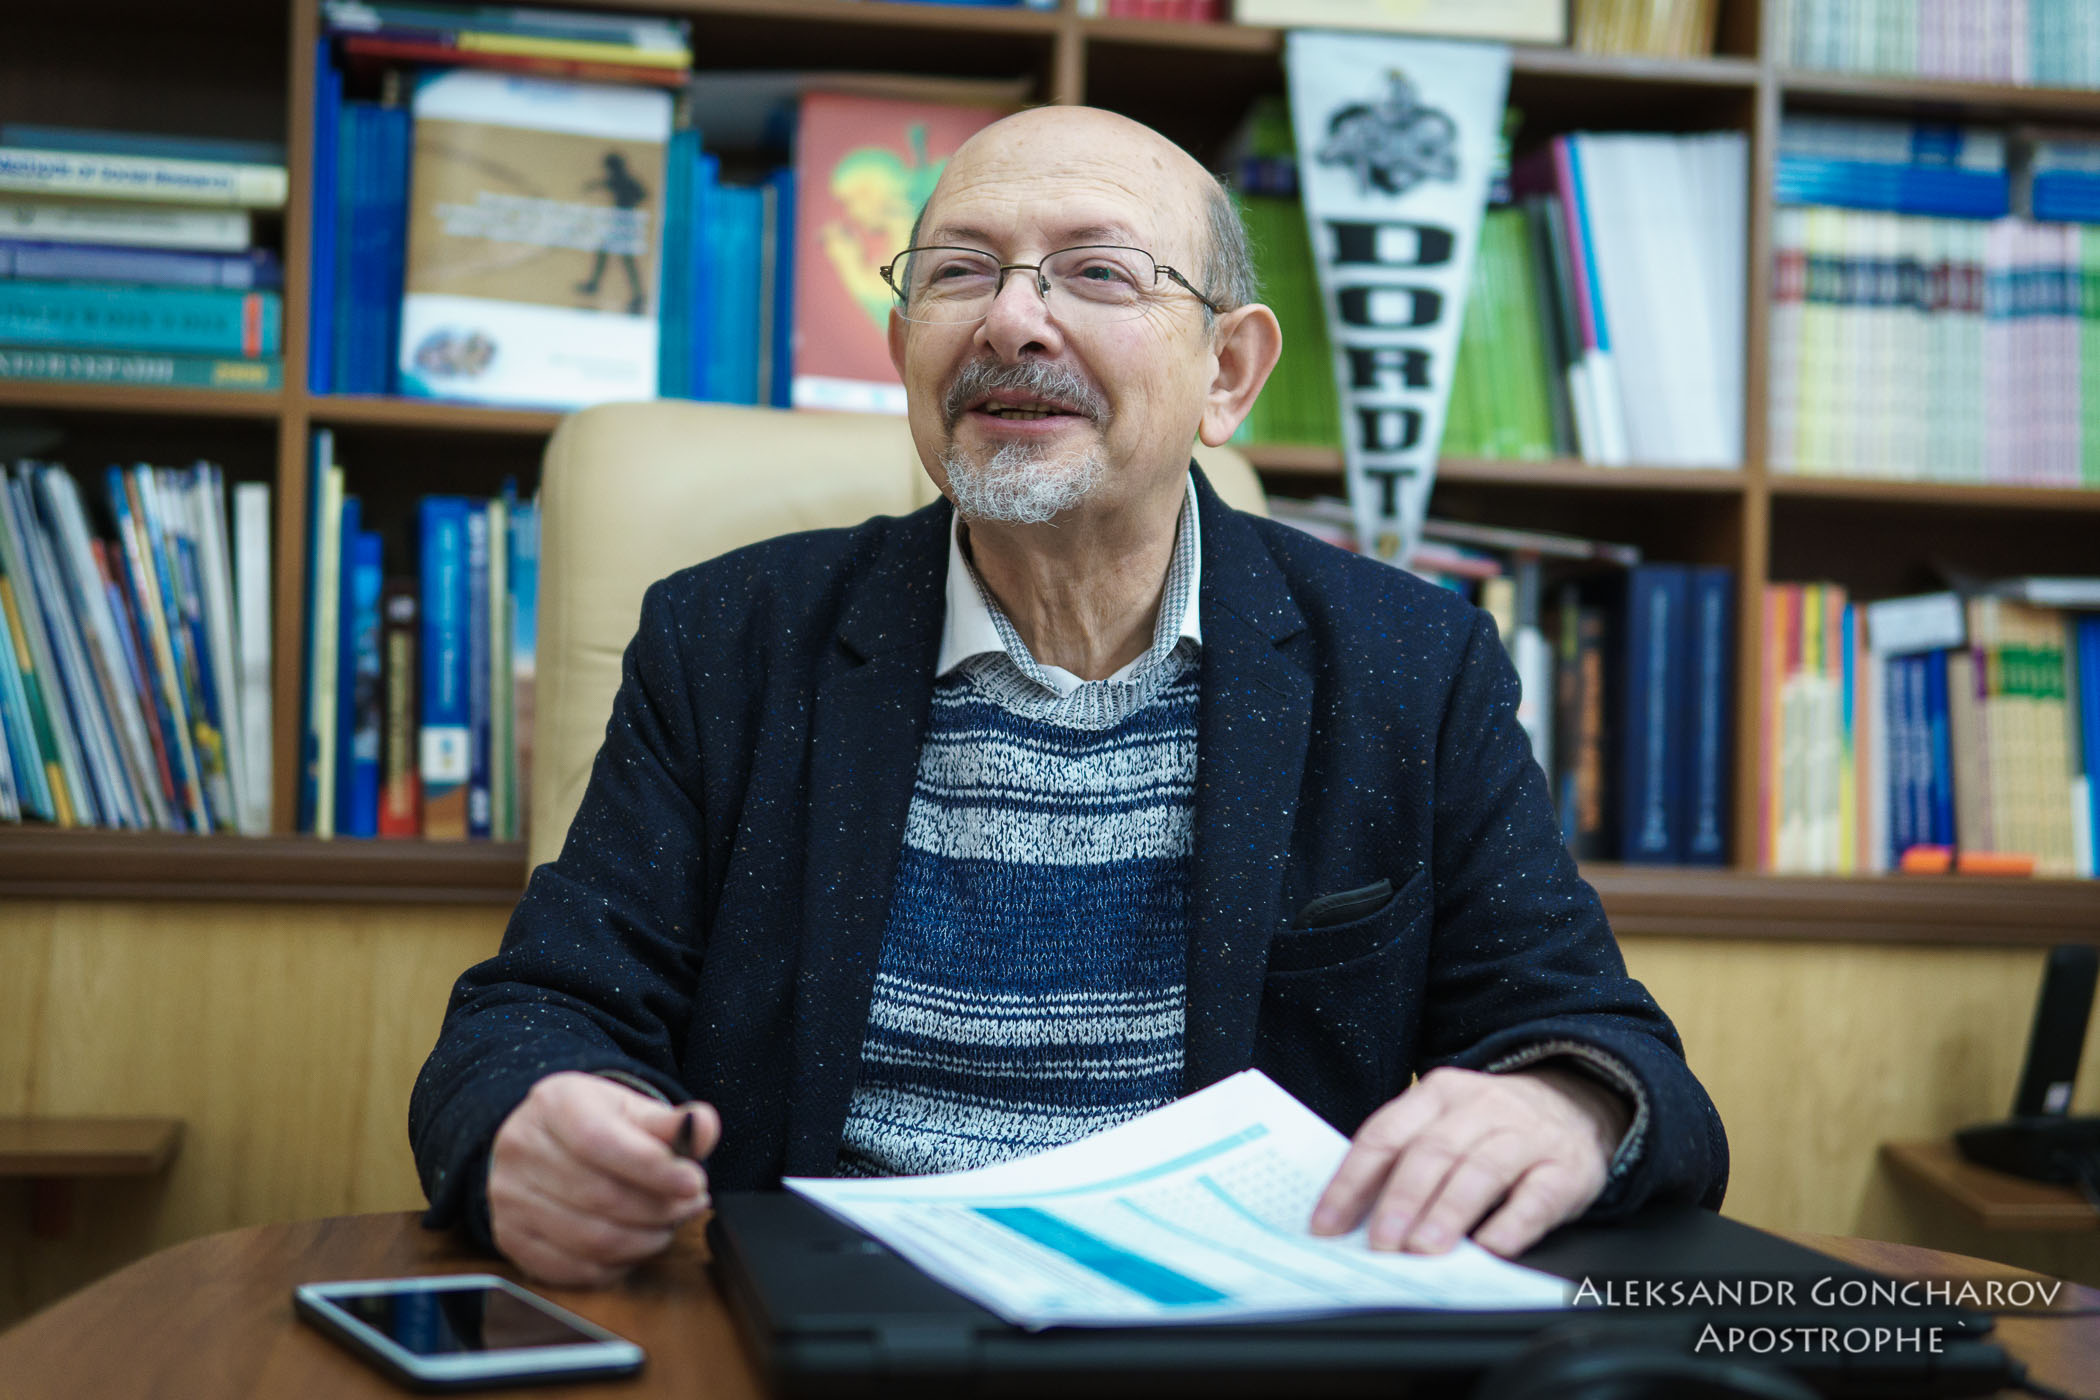 Социолог рассказал, почему большинство украинцев выбирает Зеленского и несправедливо оценивает деятельность Порошенко